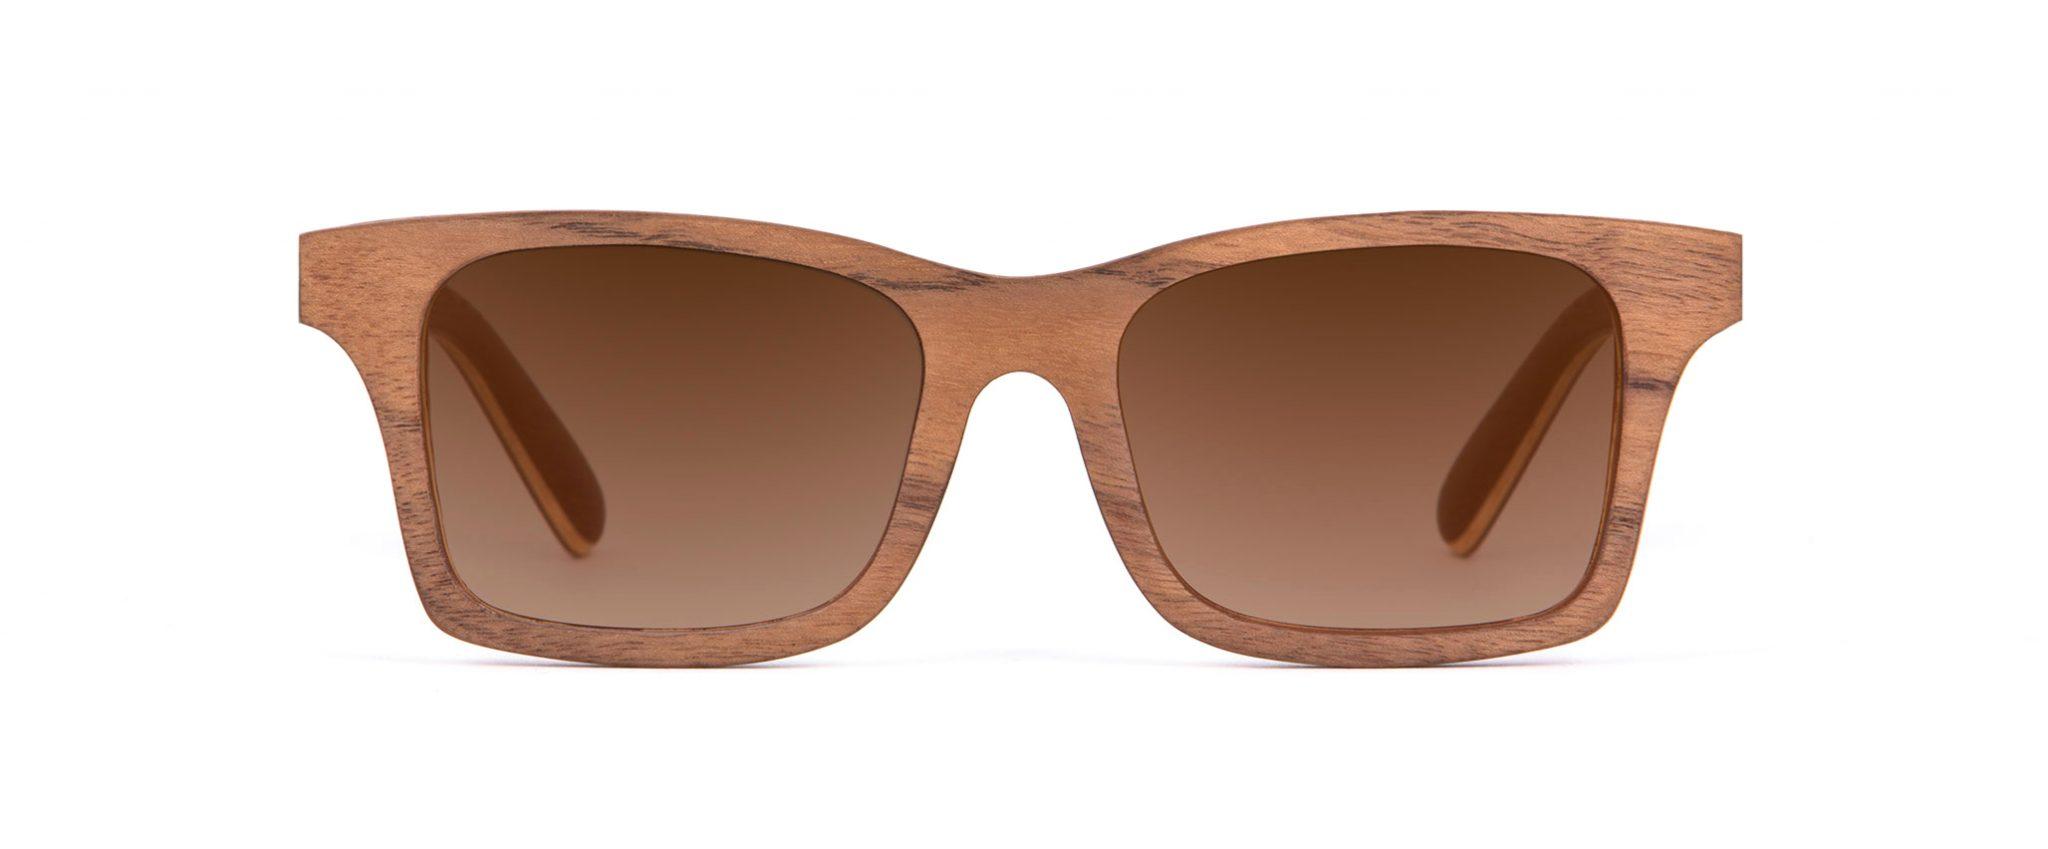 Mr Miles Walnut Wood Unique Iconic Designer Sunglasses